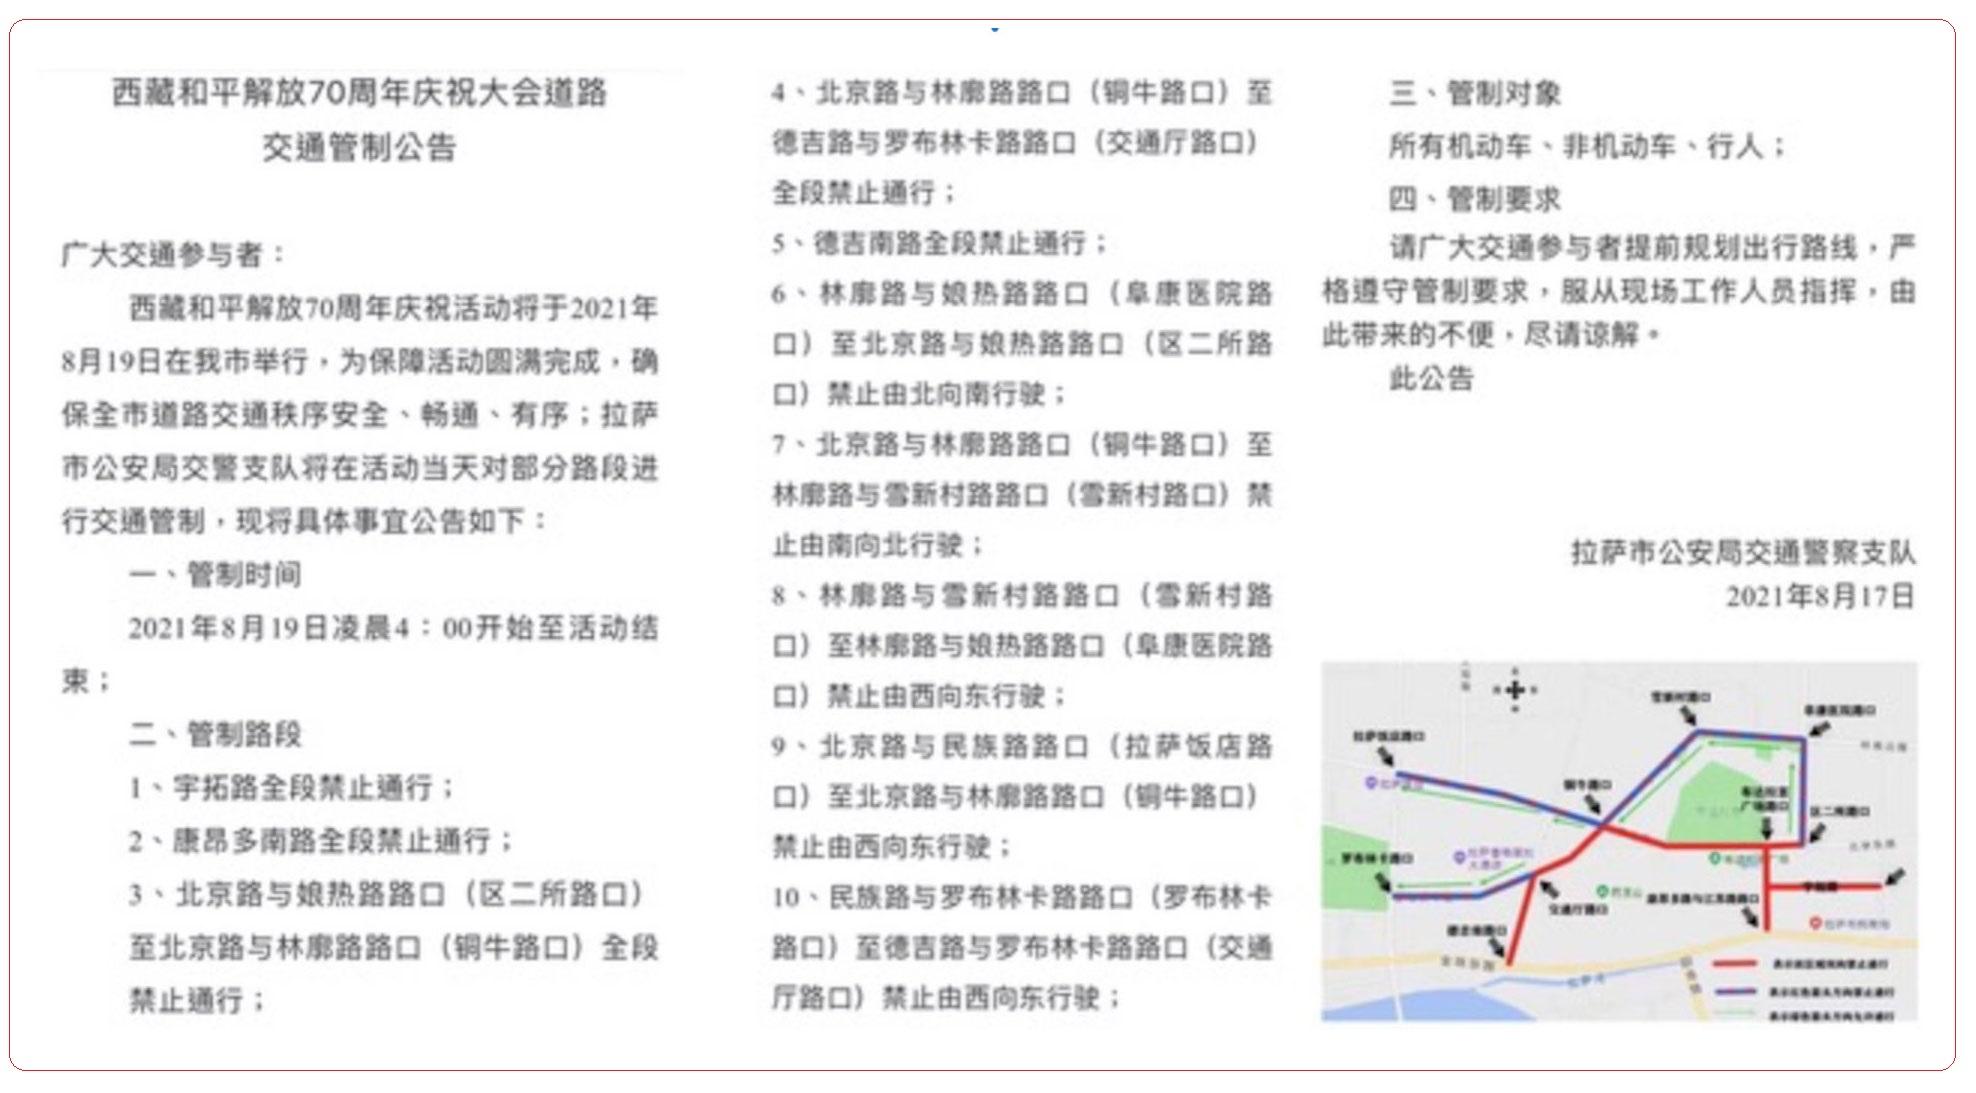 拉萨市公安局17日公告70年庆交通管制范围。藏人行政中央驻台代表格桑坚参表示,拉萨市区几乎全涵盖在管制人车进出的范围。(格桑坚参提供)